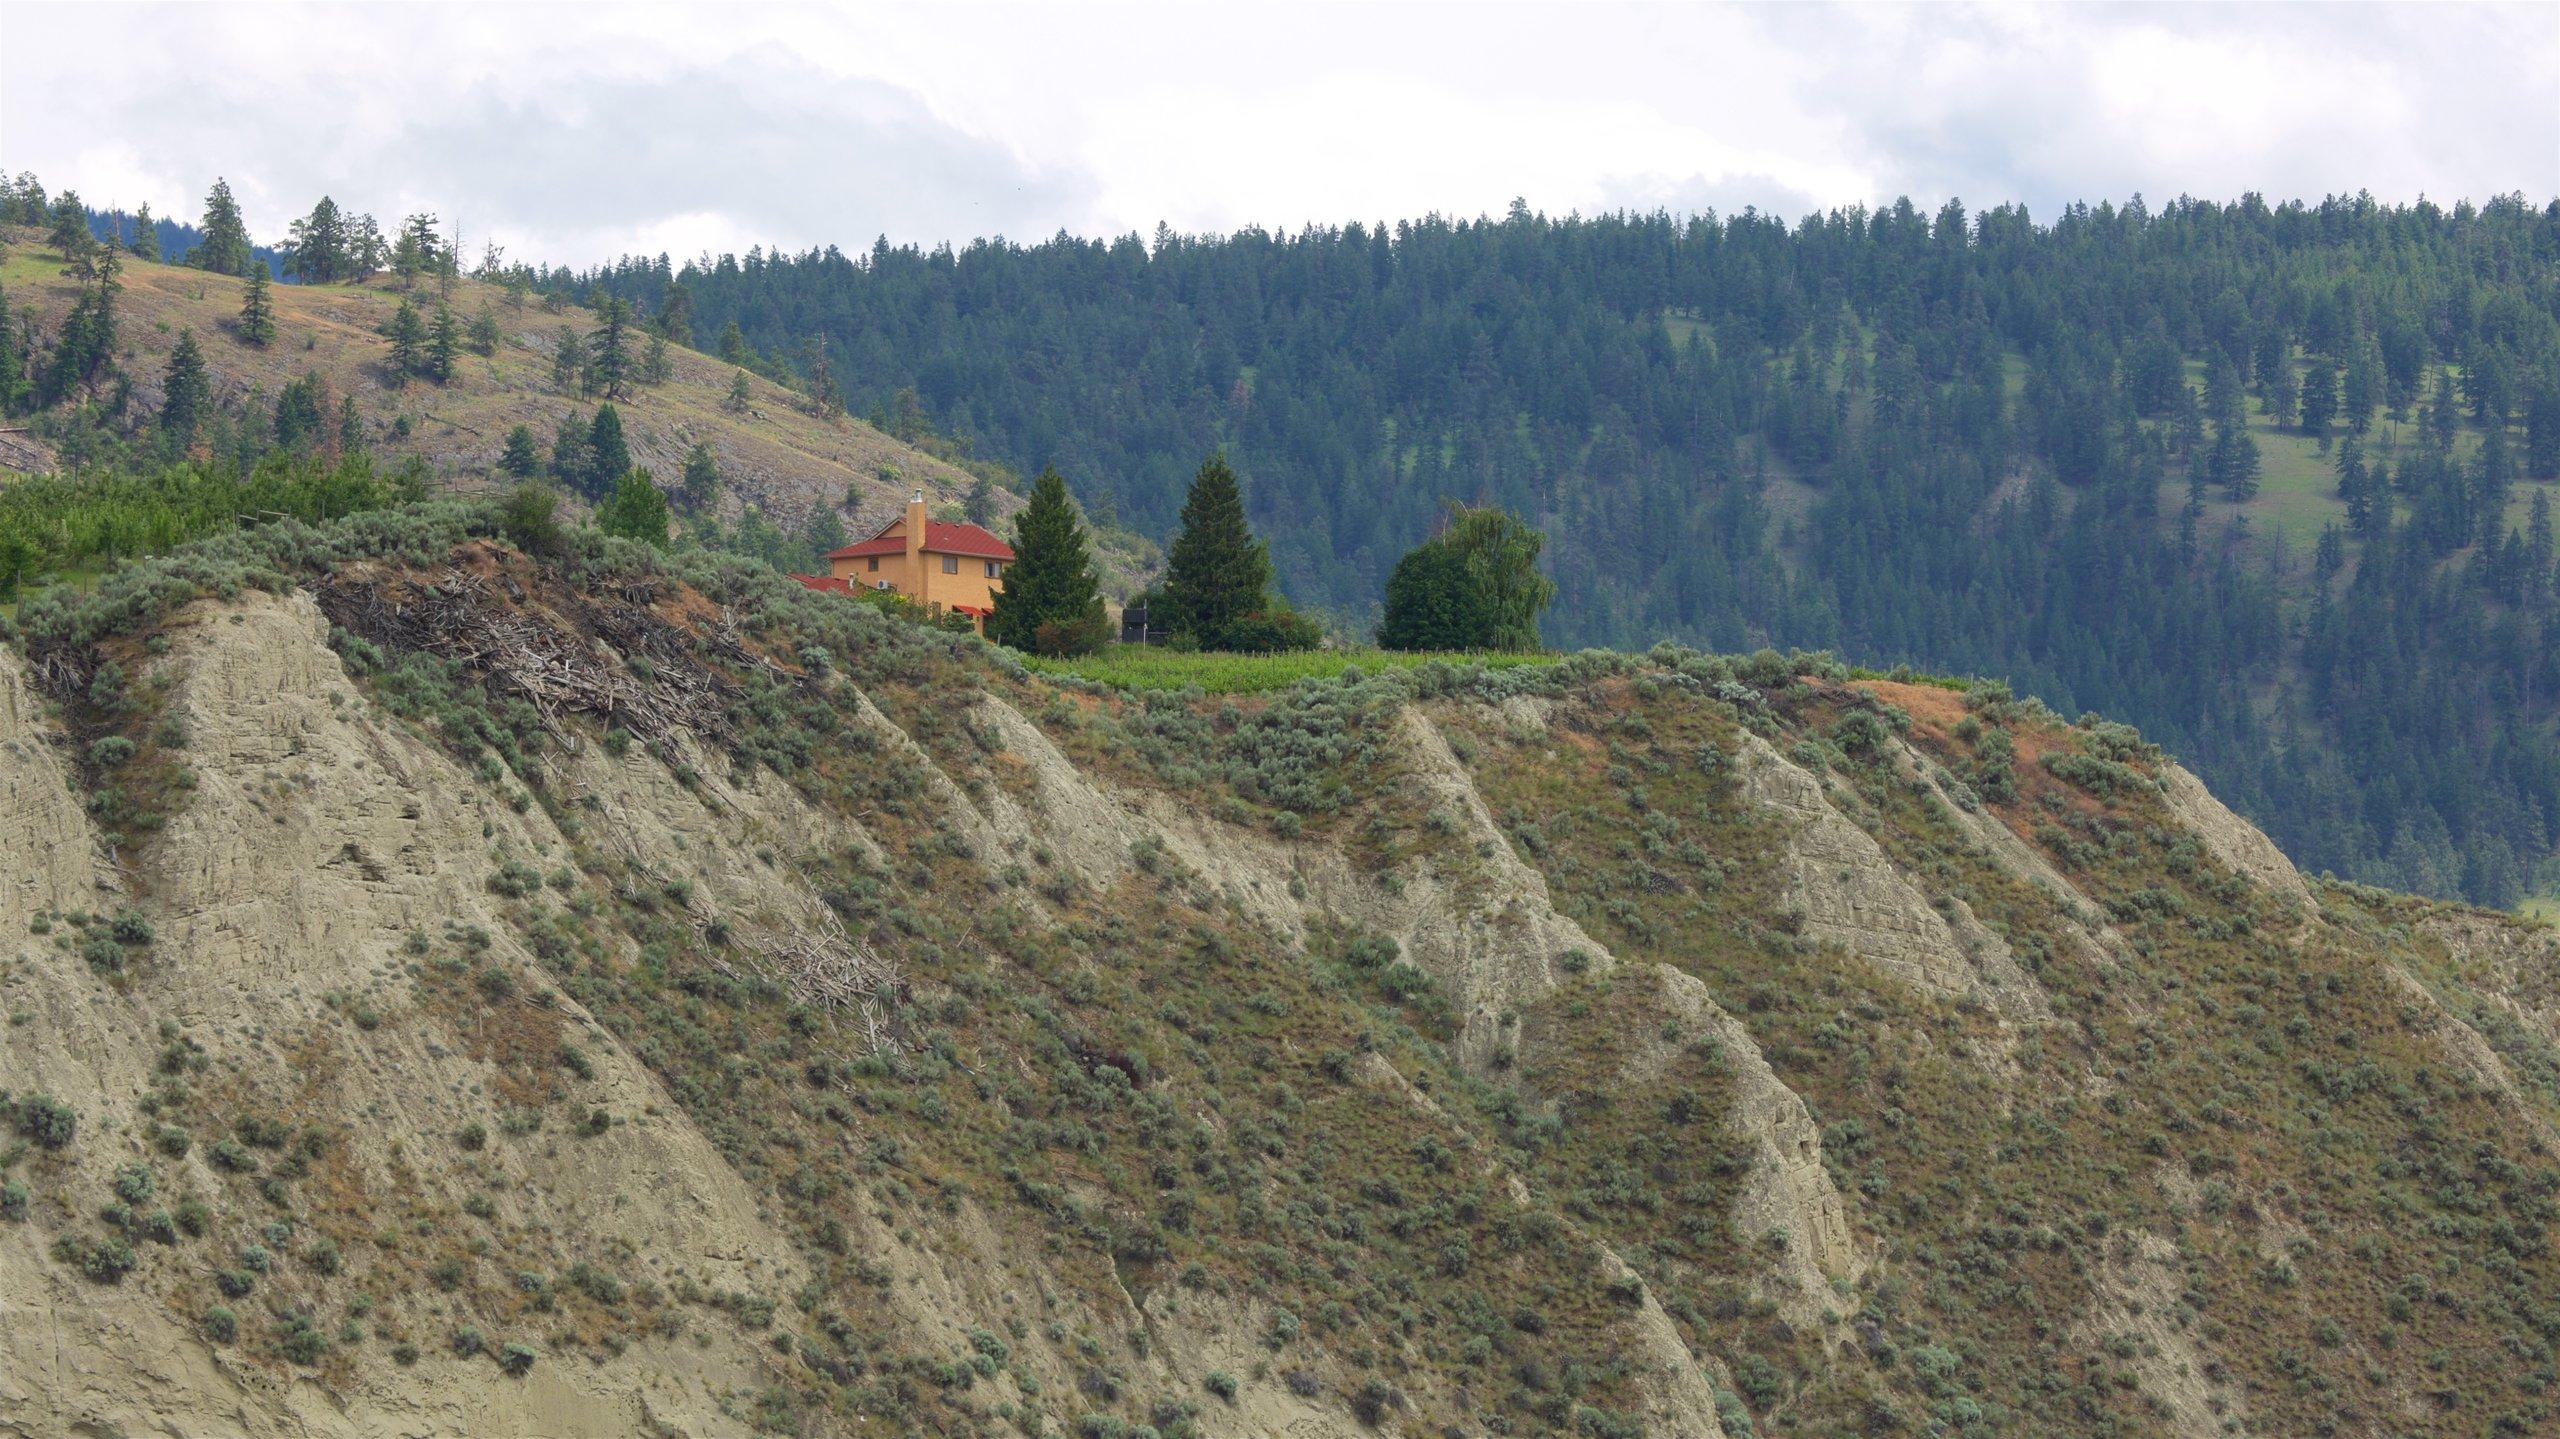 Okanagan-Similkameen, British Columbia, Canada